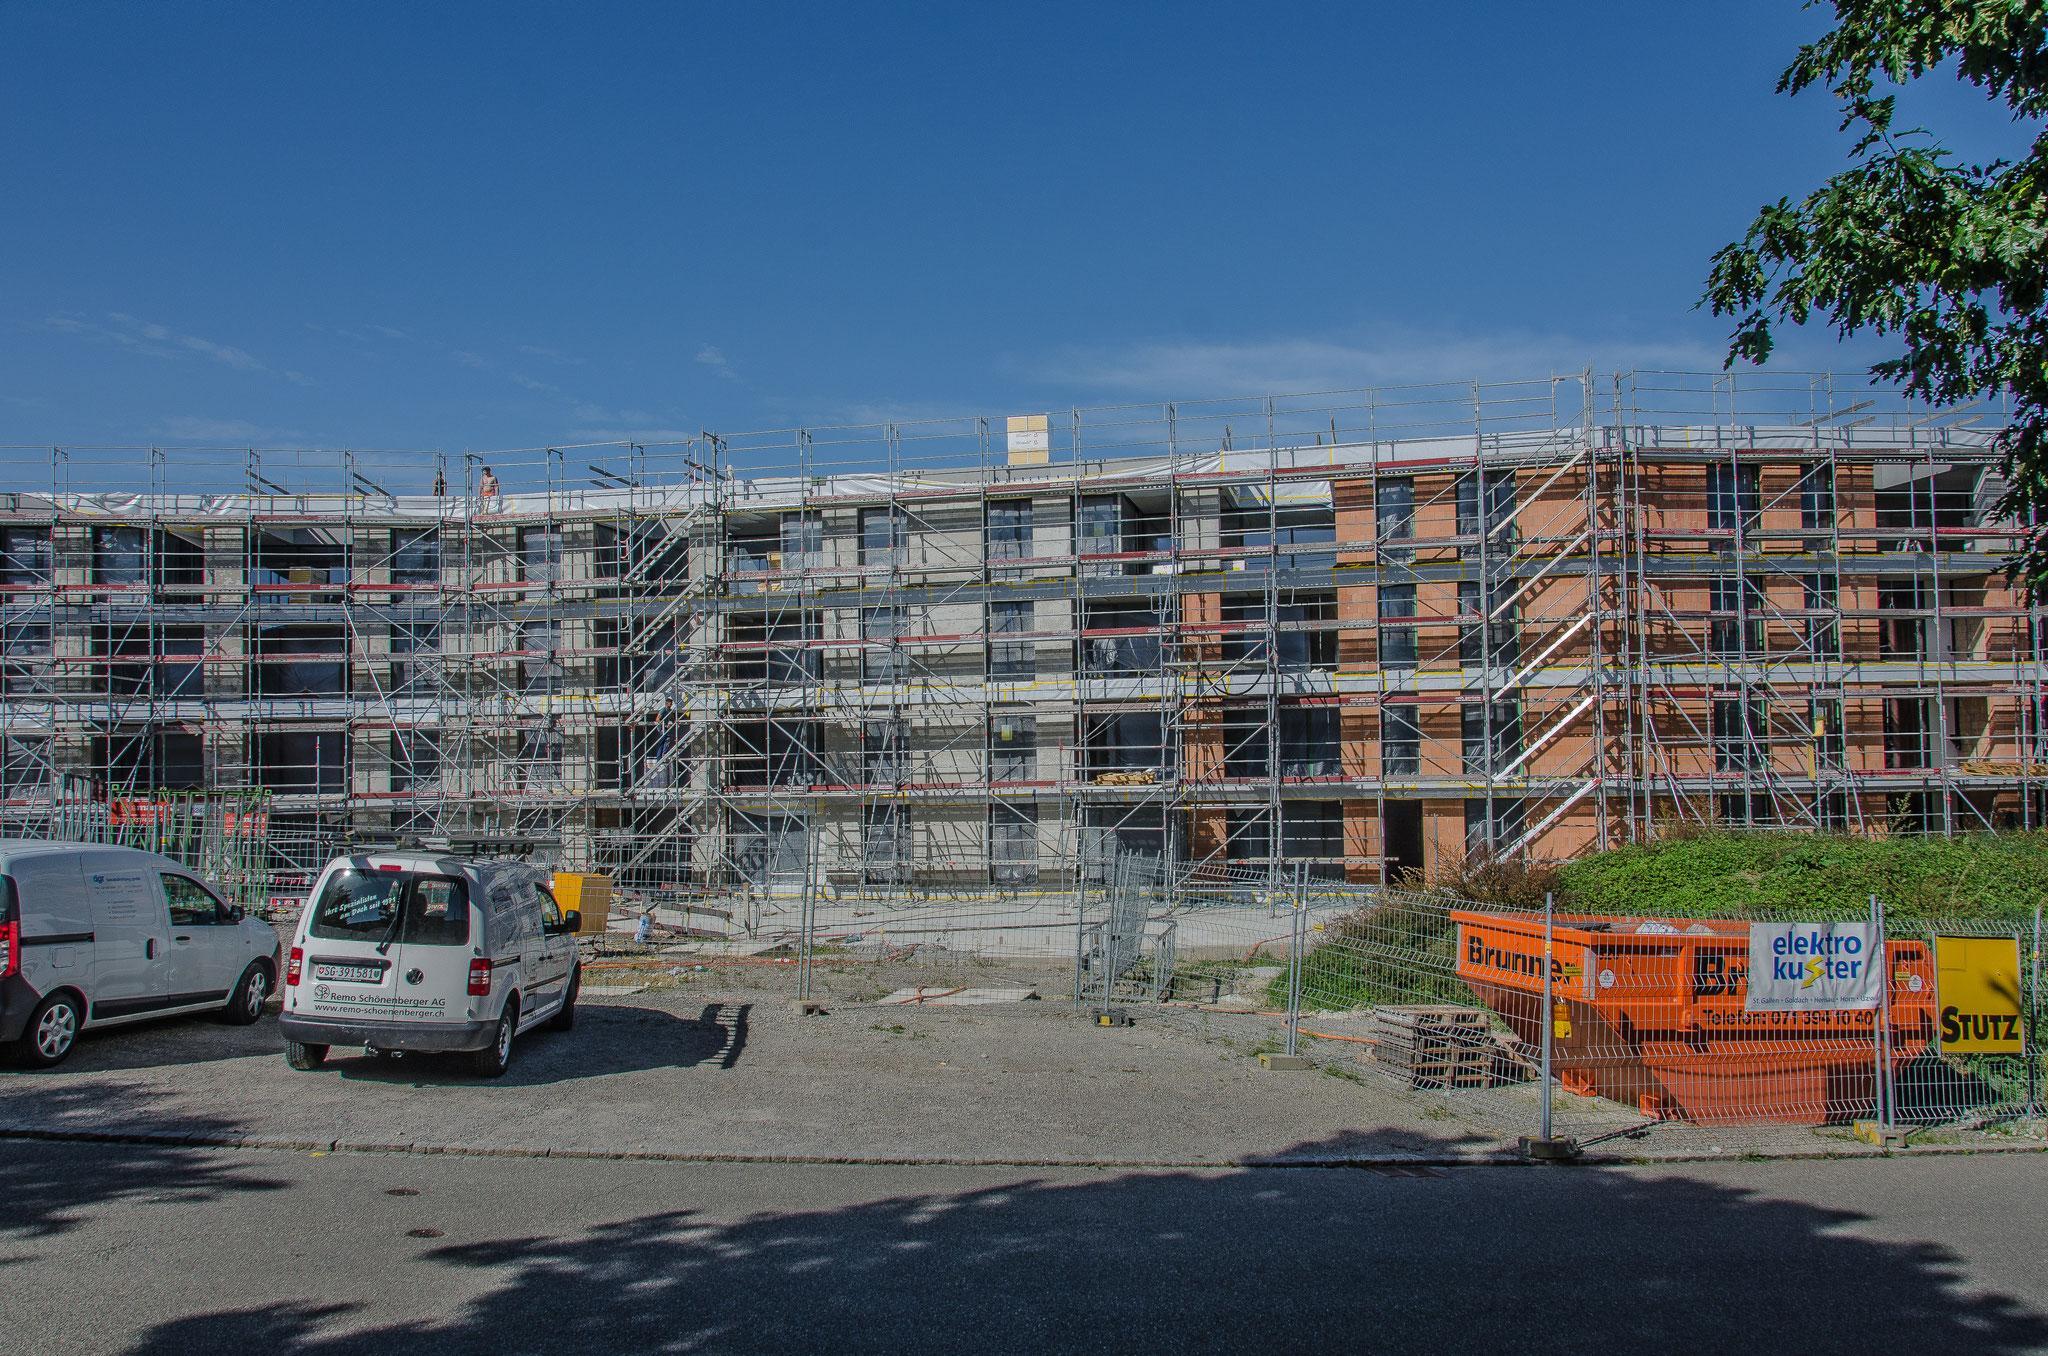 16. September 2019: Die Baustelleninfrastruktur der Baufirma ist abgeräumt.  Die Fenster sind fertig montiert, der Grundverputz ist bis auf wenige Quadratmeter angebracht...